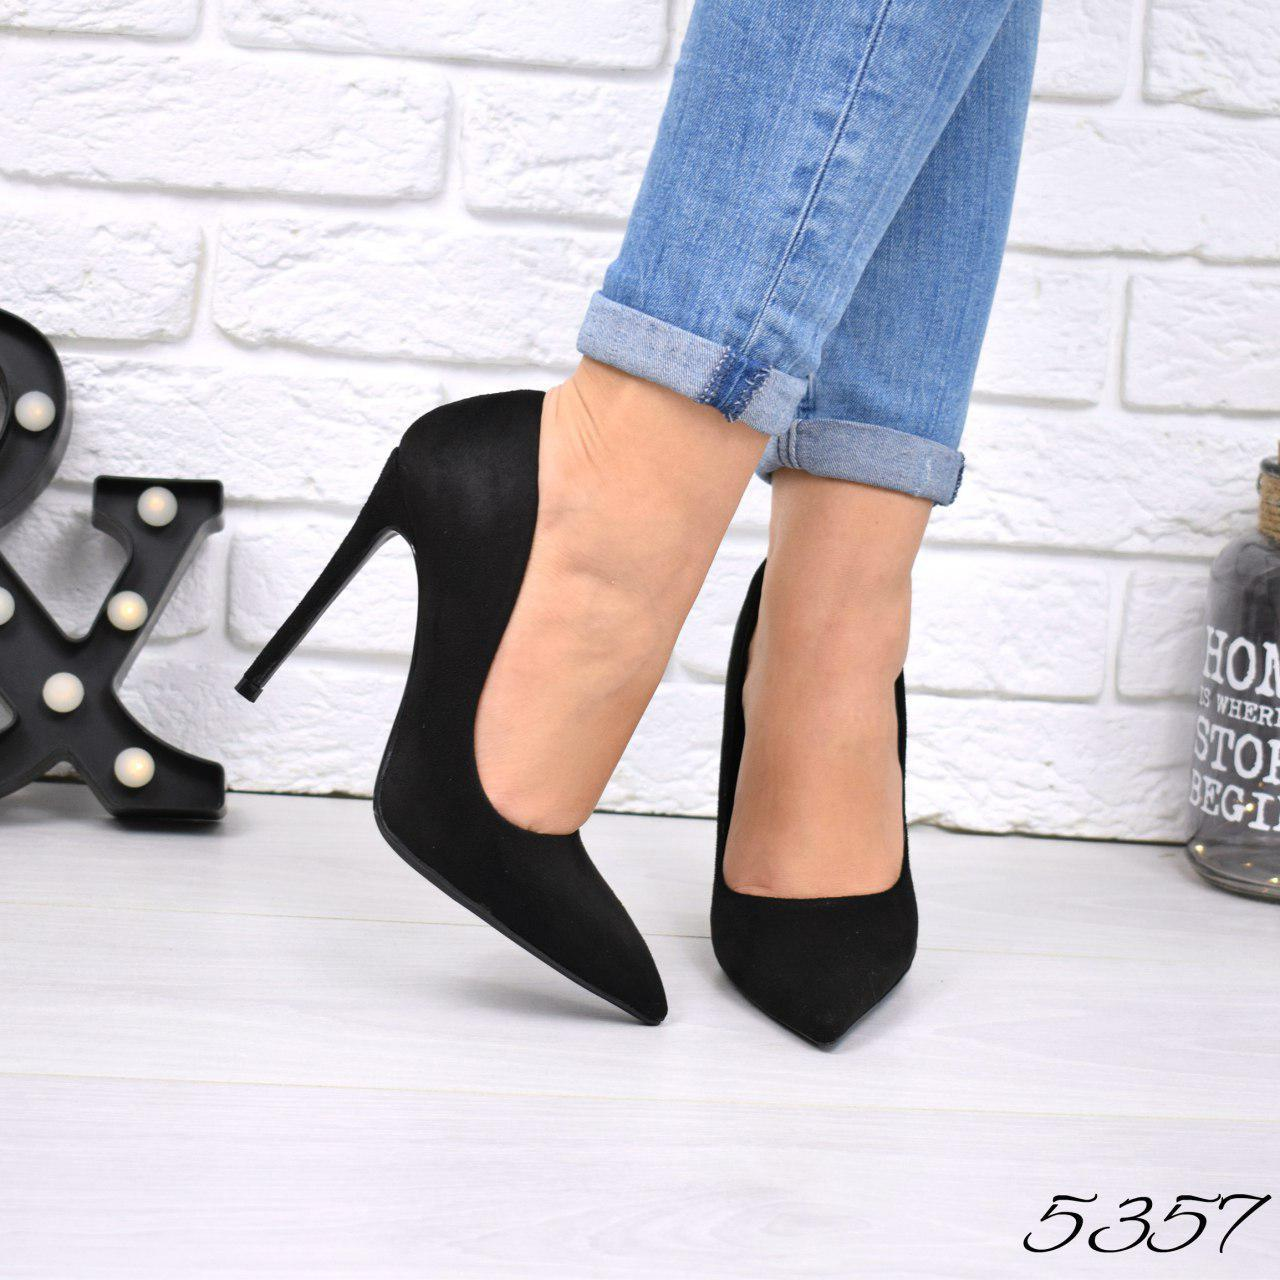 """Туфли женские на каблуке черные """"M&M's"""" эко замша, повседневная, удобная, женская обувь"""